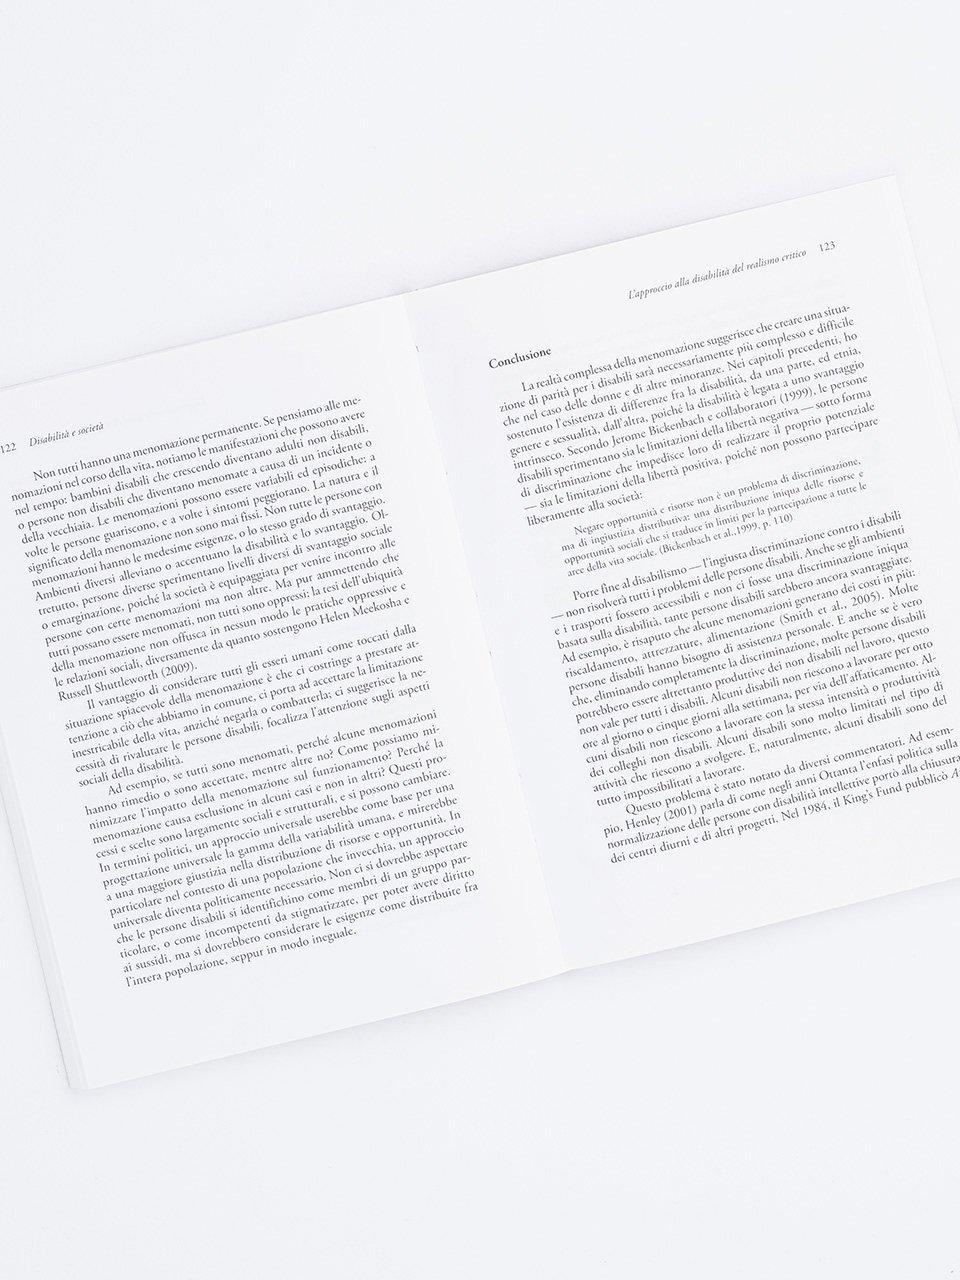 Disabilità e società - Libri - Erickson 2